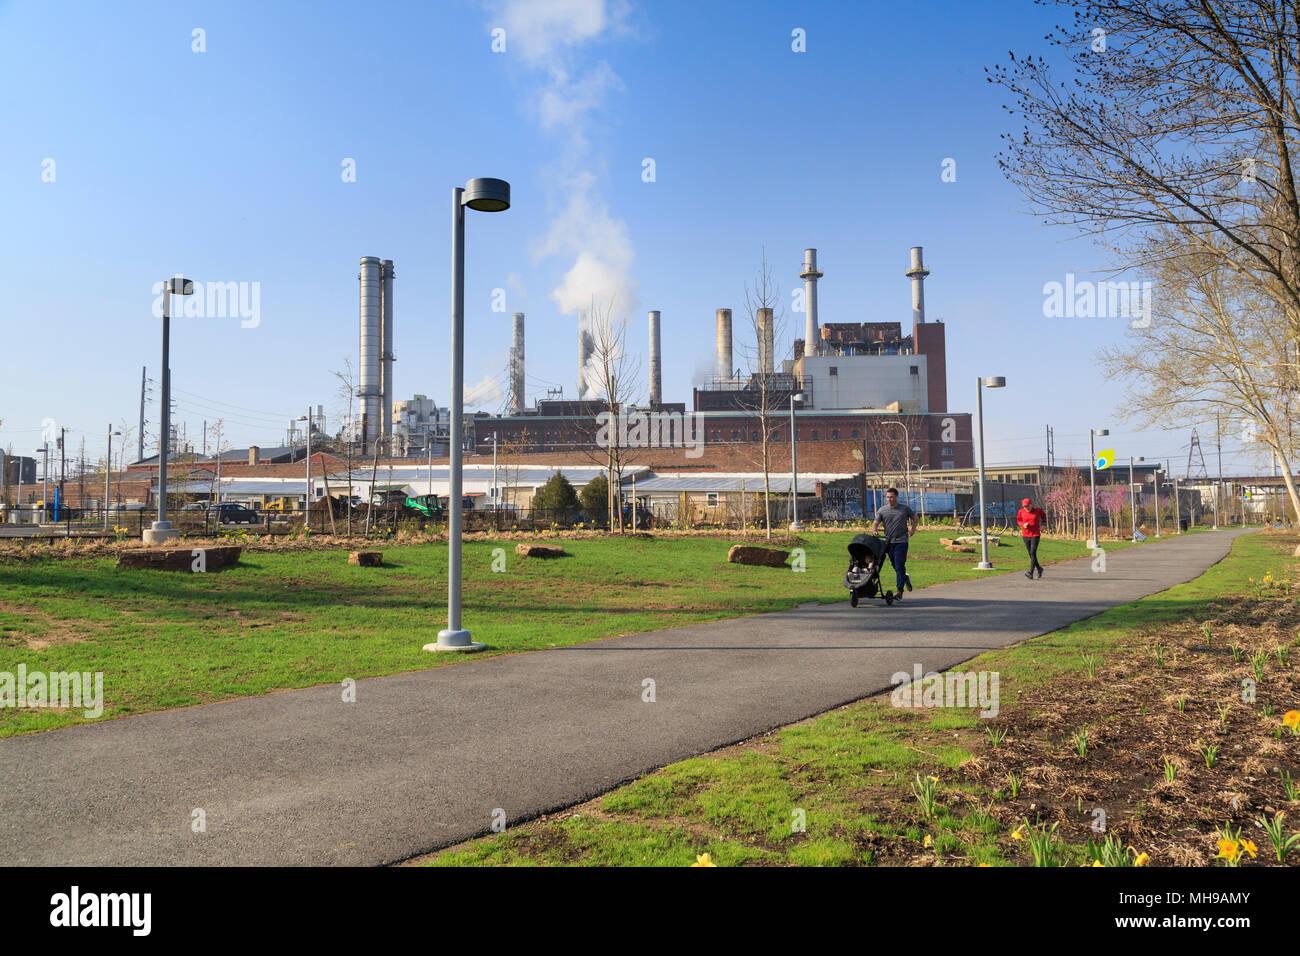 Bancos Schuylkill sendero de recreación en la revitalizada zona industrial con la planta de energía térmica de Veolia, Filadelfia, Pennsylvania, EE.UU. Imagen De Stock